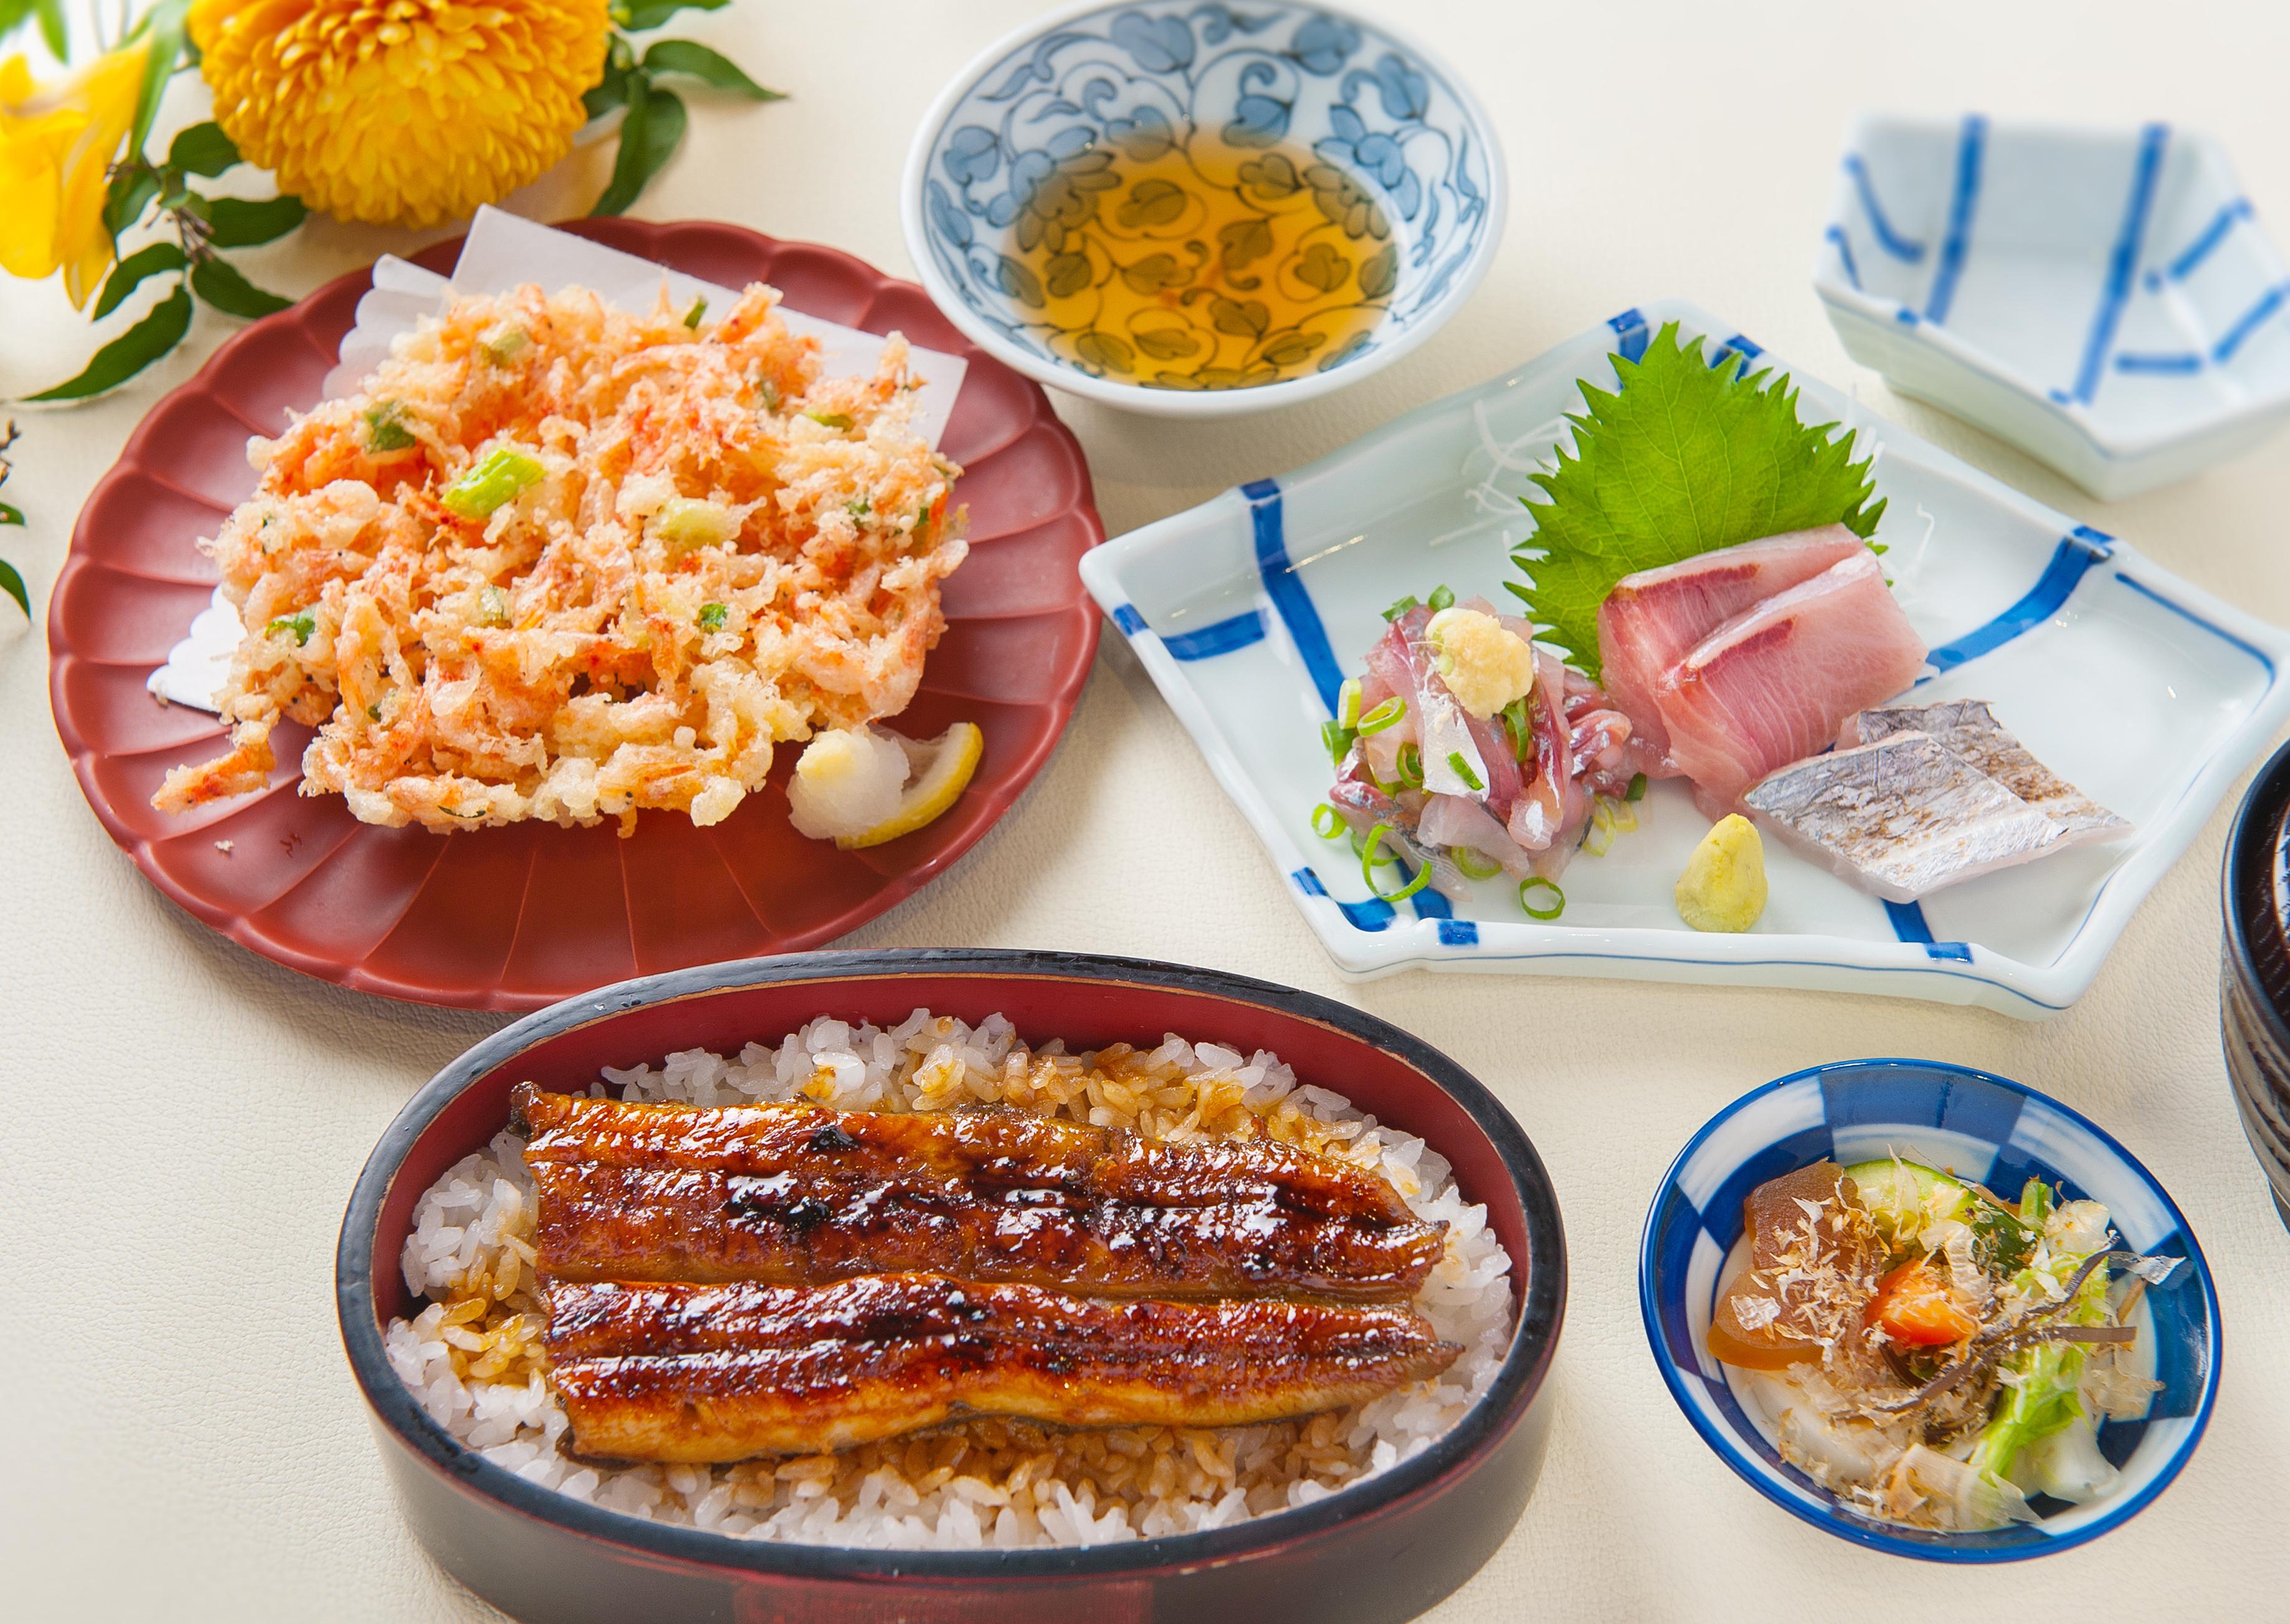 桜えびのかき揚げ定食 1,360円